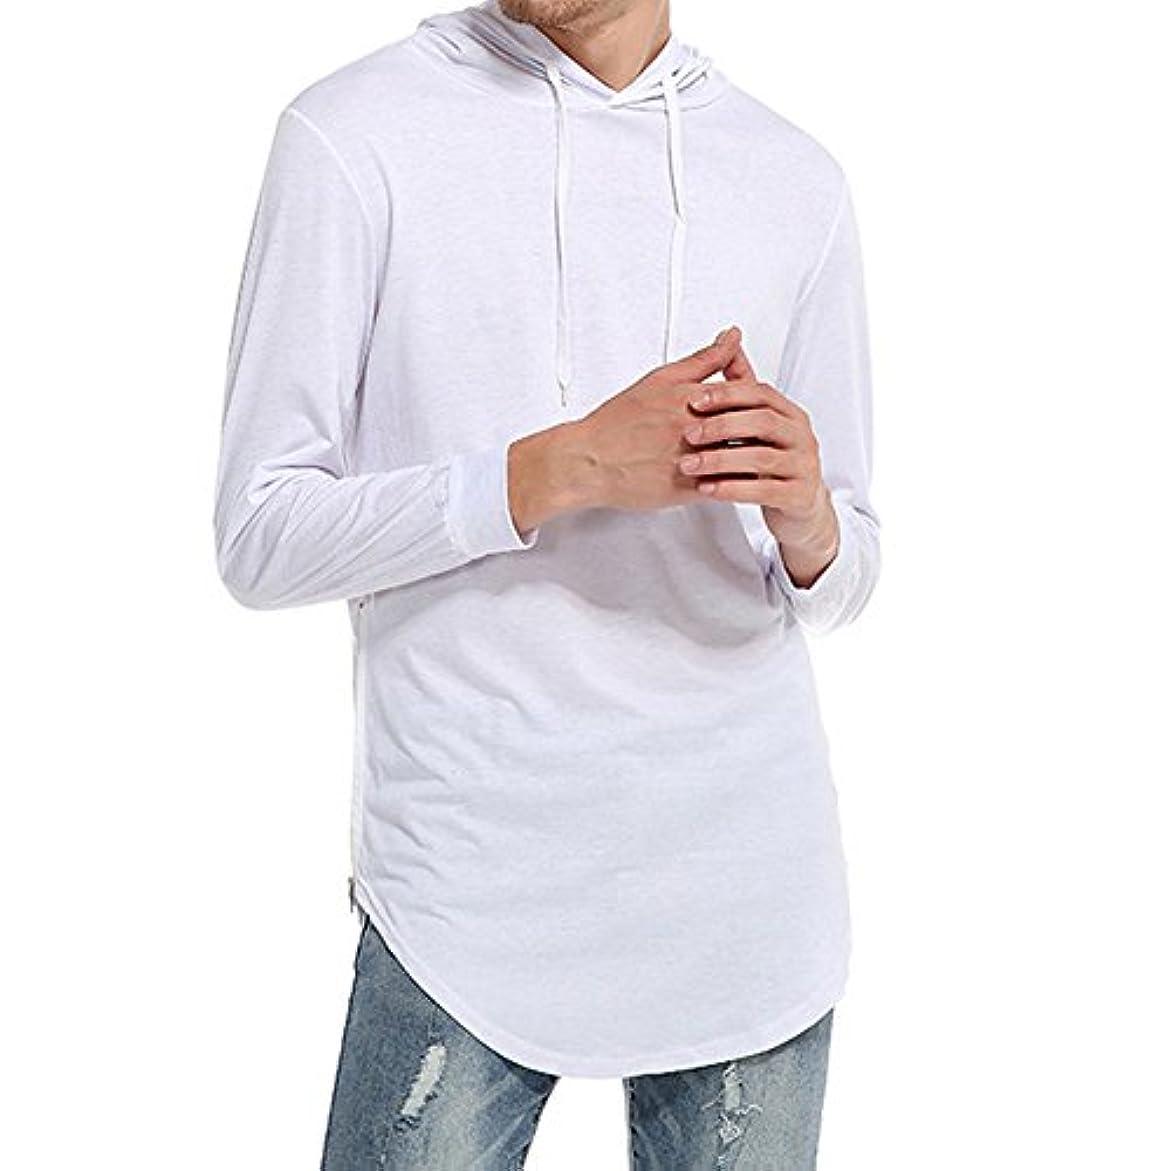 オーバー サイズ クルーネックセーター ニット 純色 クルーネック カットソー おしゃれ 無地 メンズ カットソー カジュアル シンプル デザイン 長袖